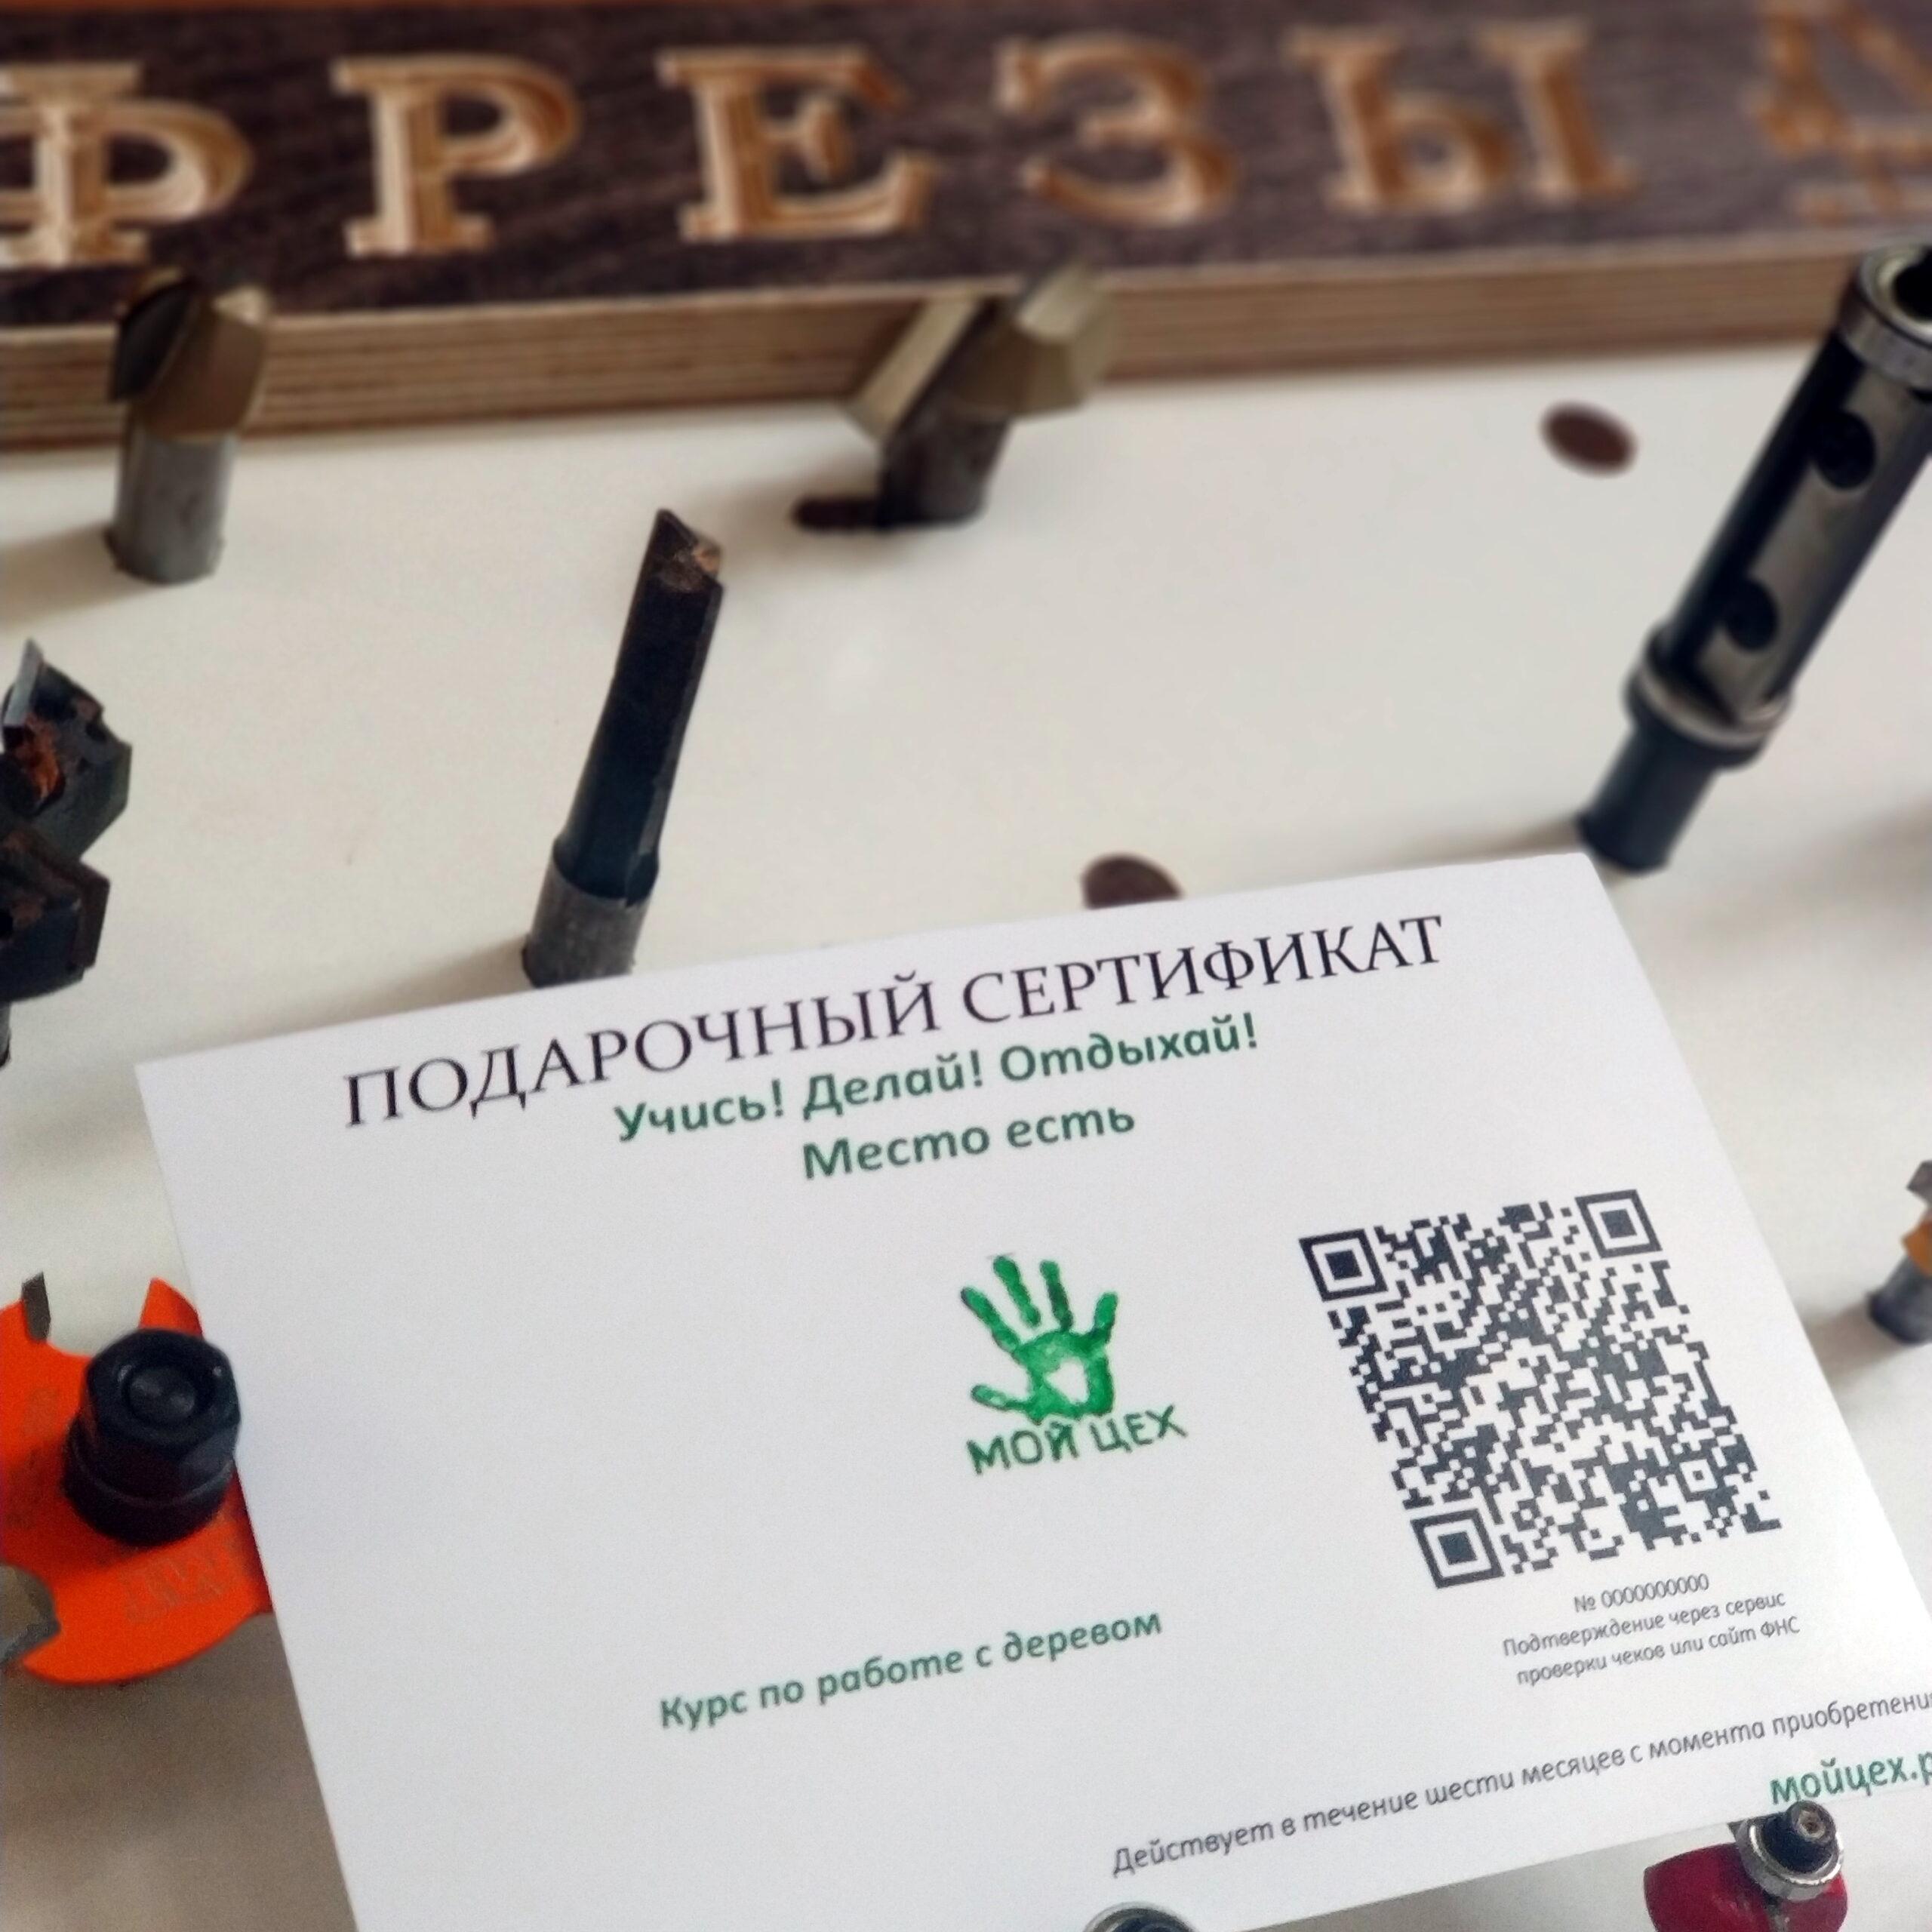 Подарчный сертификат в мастерскую, мастерск-класс подарок